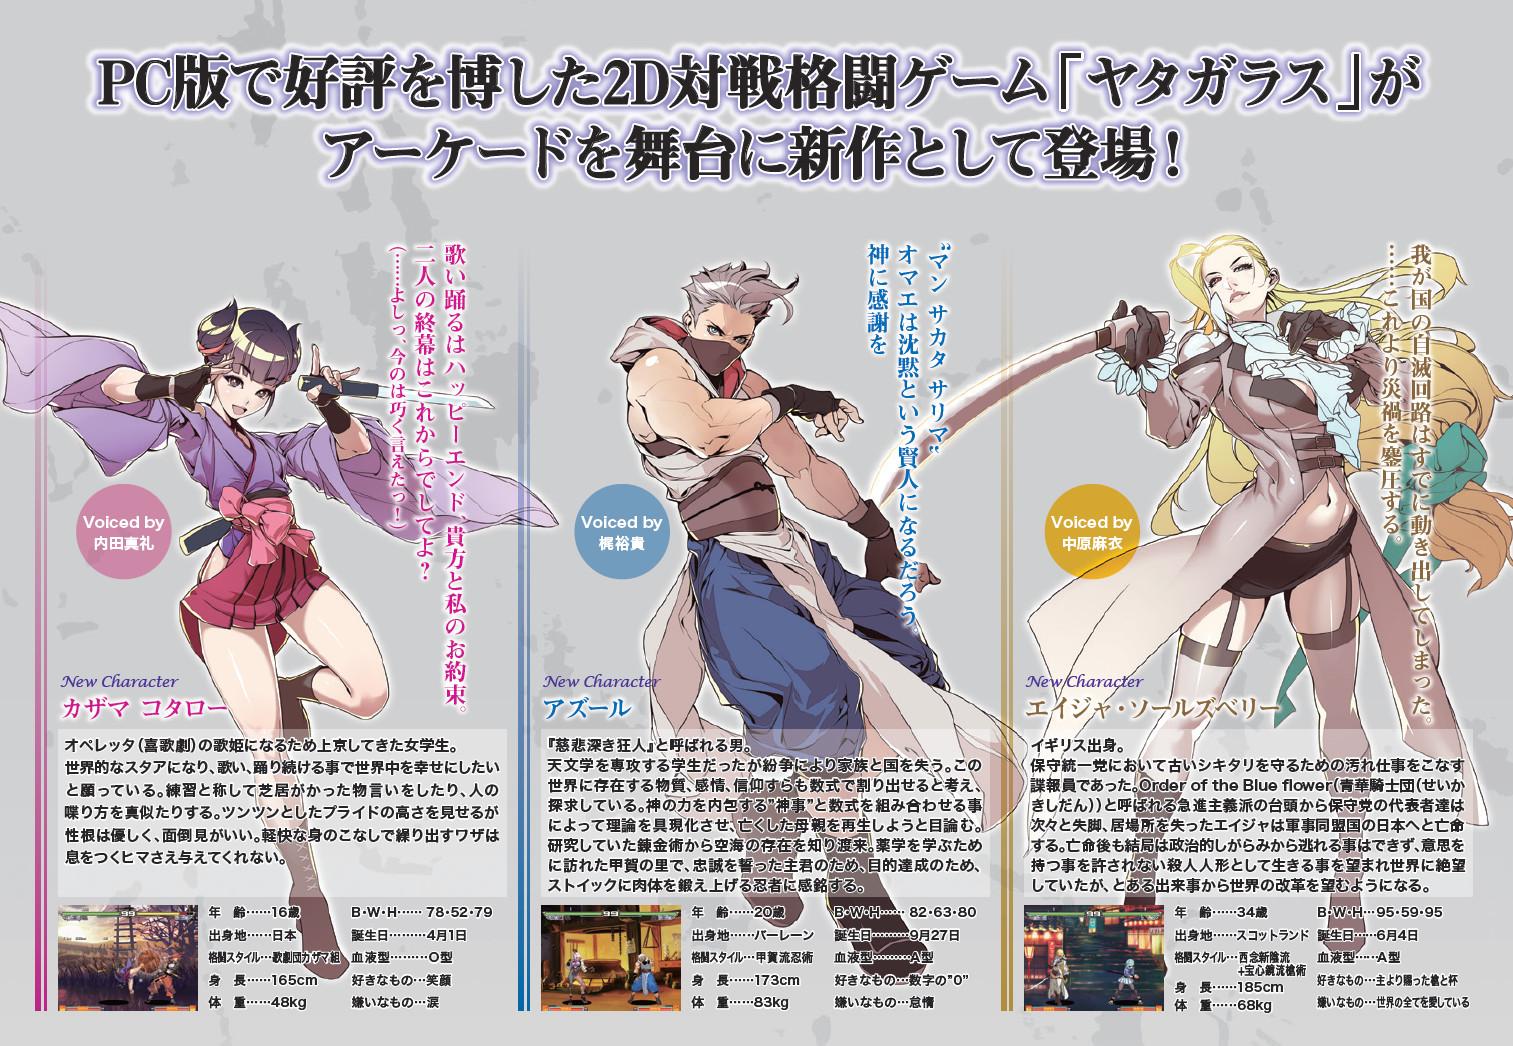 「カザマ・コタロー」、「アズール」、「エイジャ・ソールズベリー」の3キャラクター